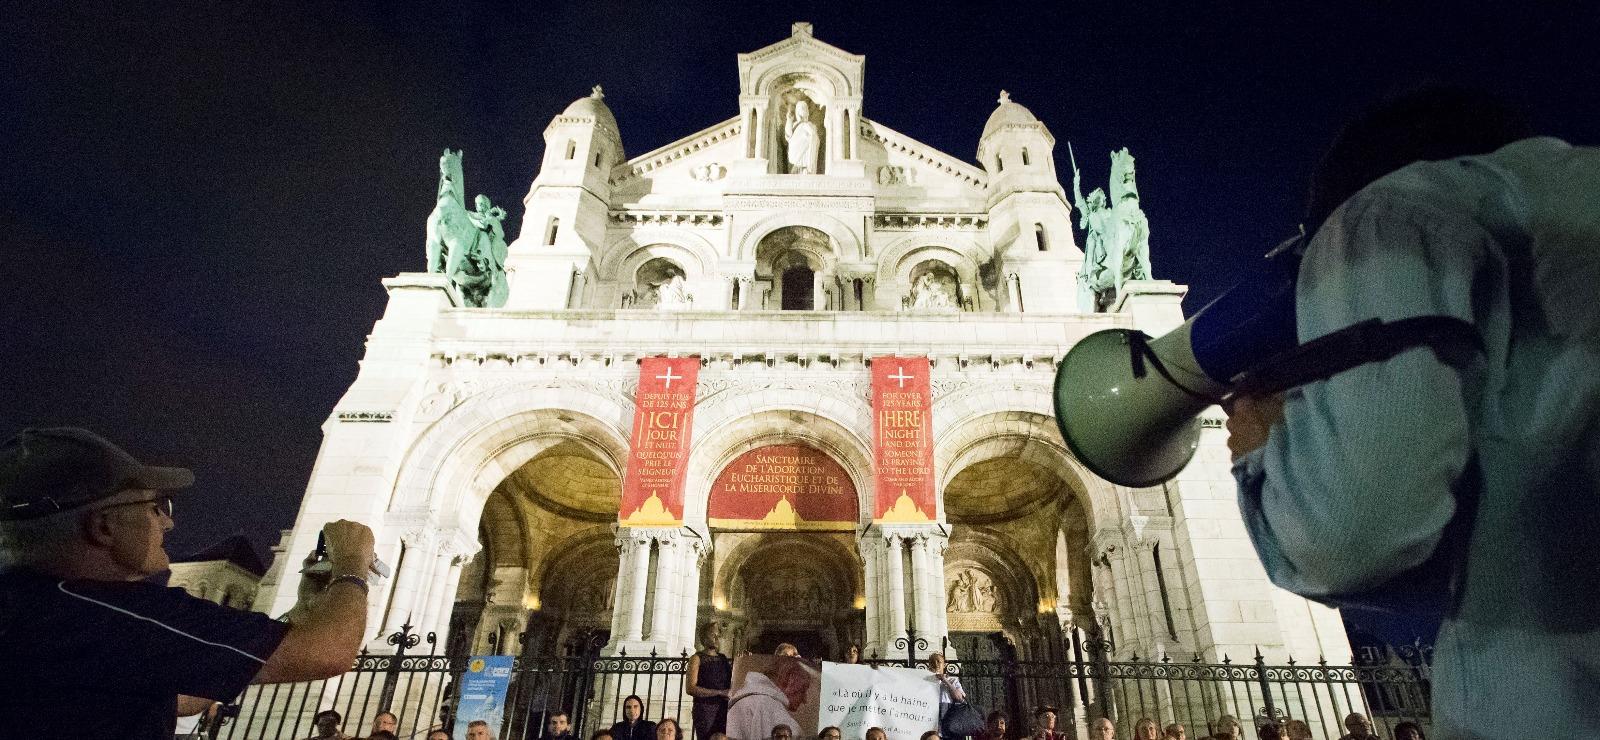 « J'ai demandé à mes amis de venir dimanche devant Notre-Dame-de-Paris »